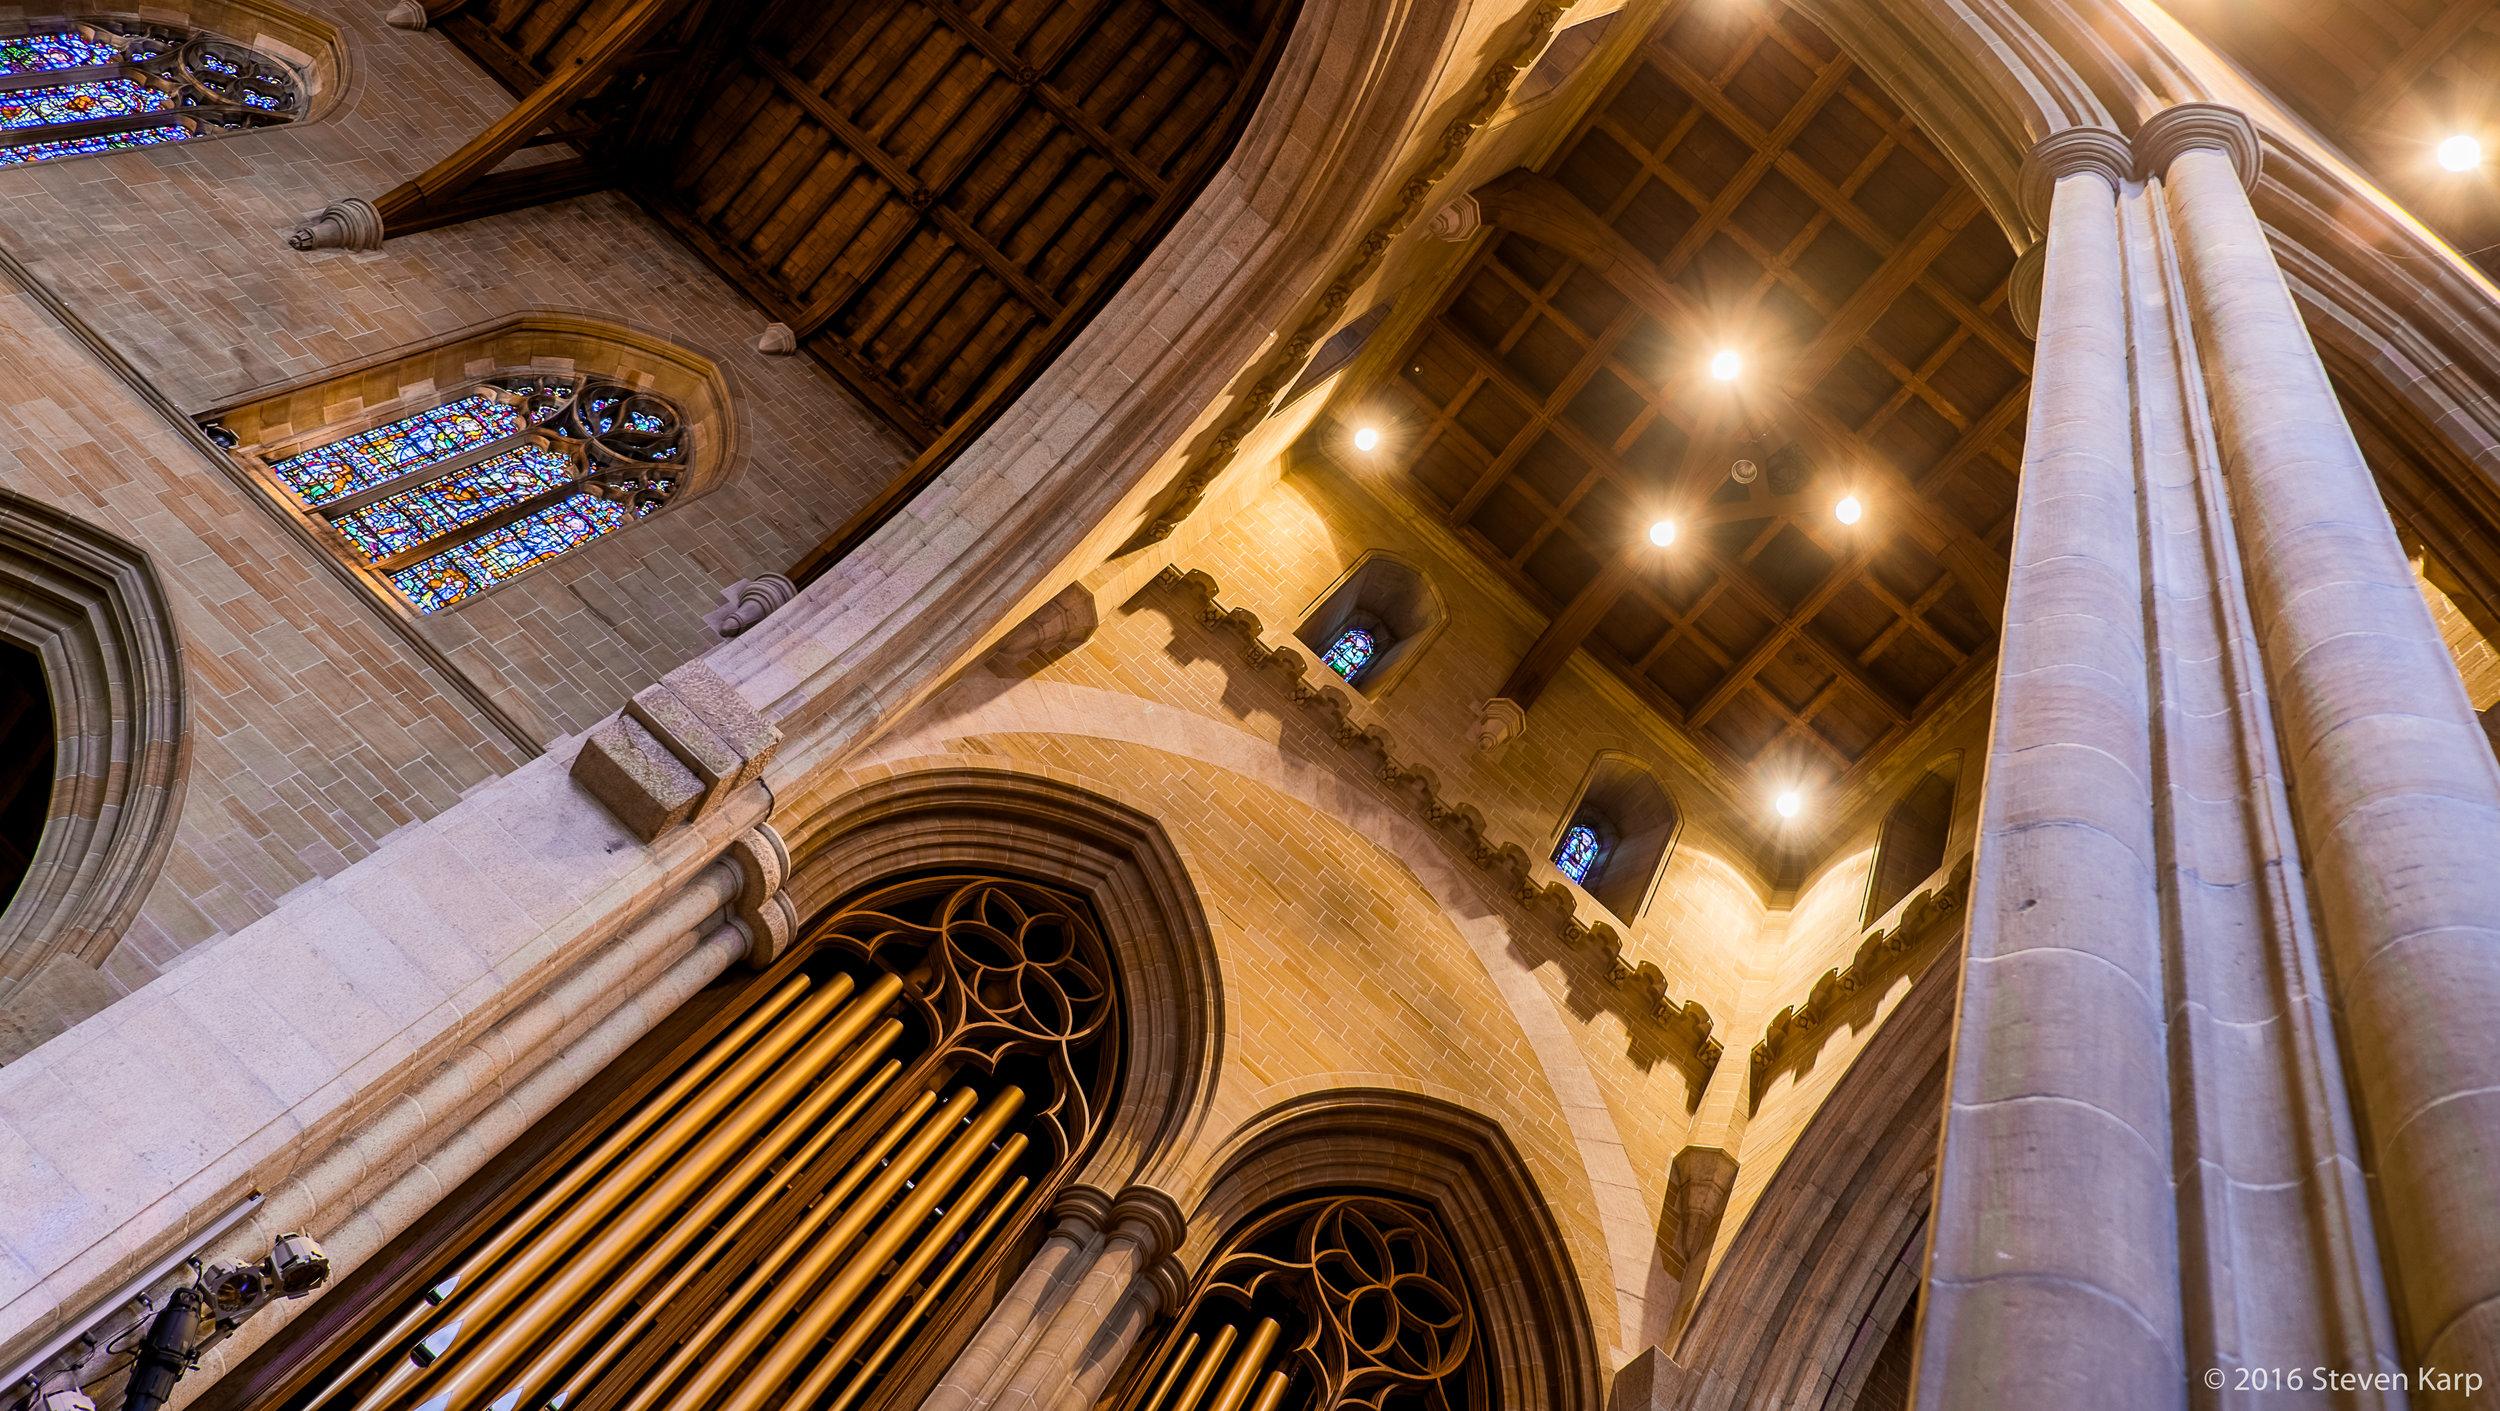 Bryn Athyn Cathedral, Interior, Organ Pipes